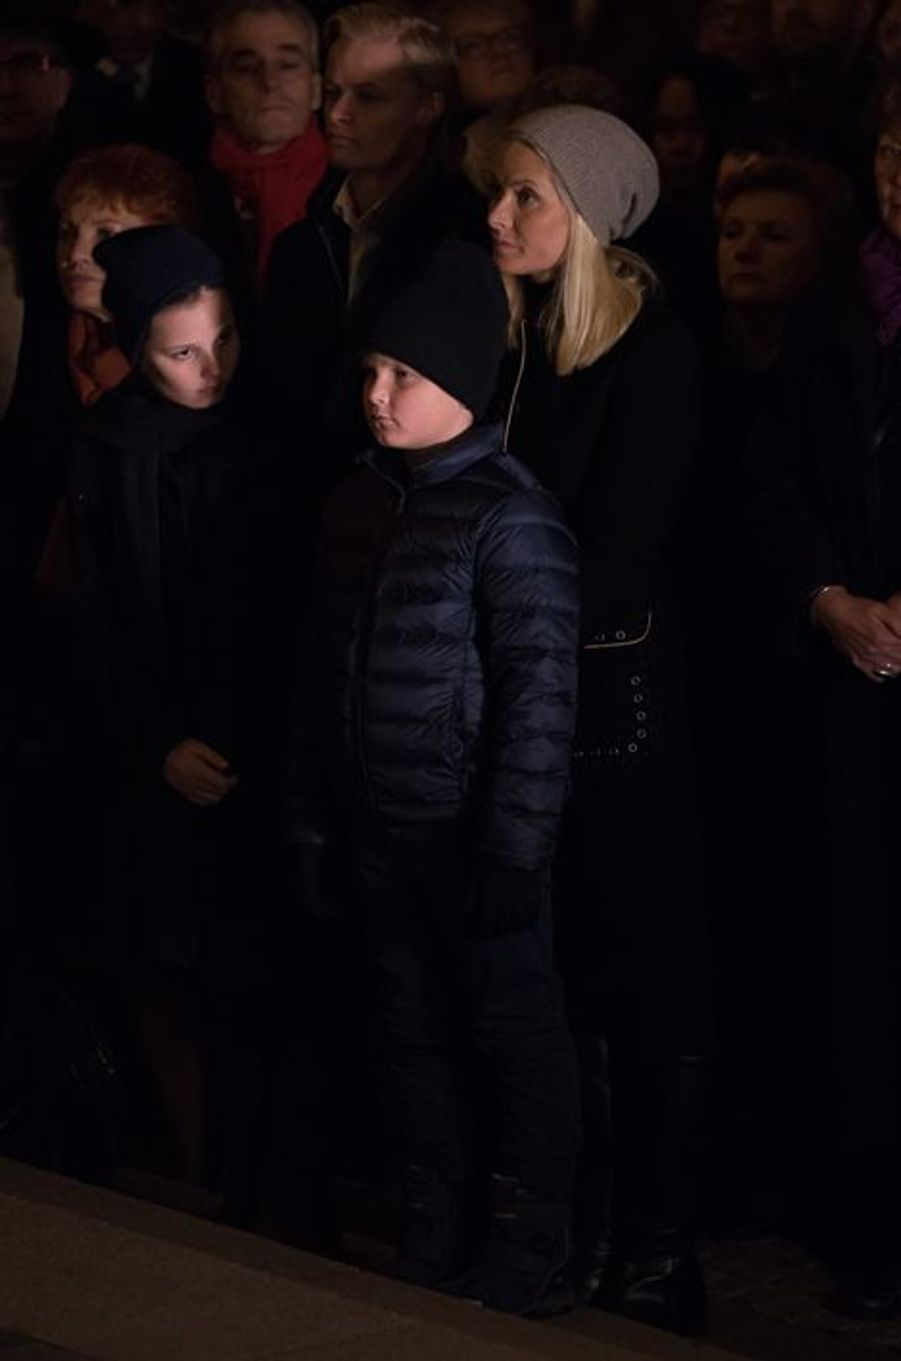 La princesse Mette-Marit de Norvège avec ses trois enfants à Oslo, le 17 novembre 2015